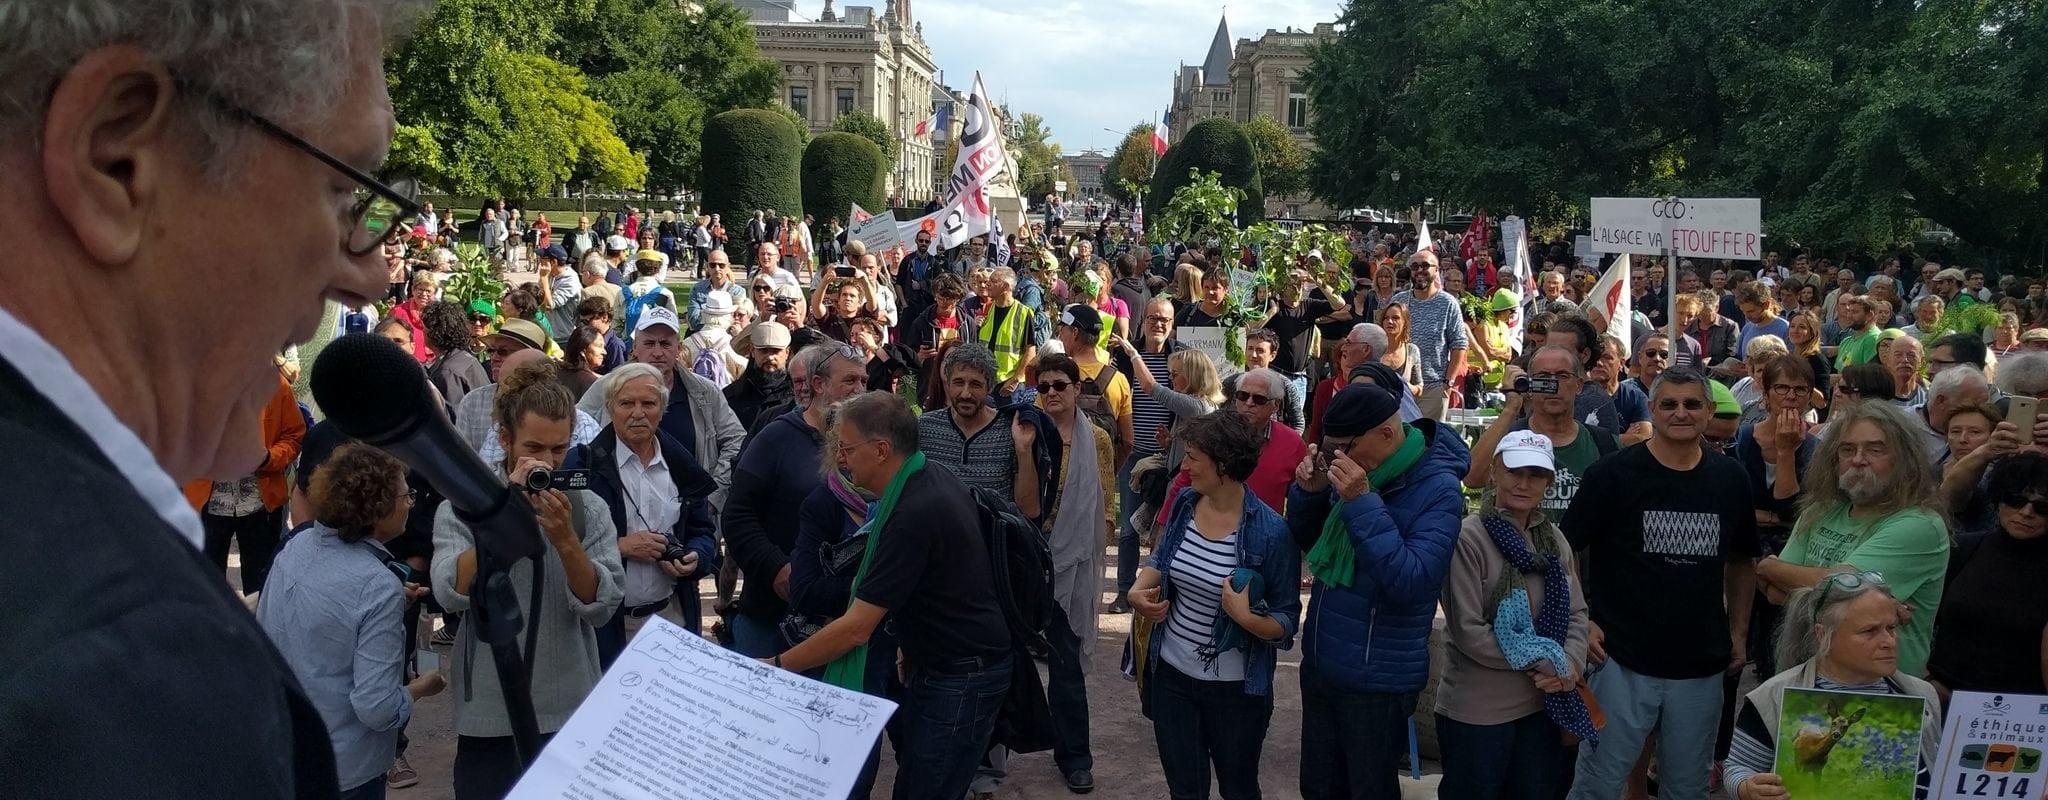 Devant environ 2000 manifestants, le Collectif GCO Non Merci annonce des grèves de la faim